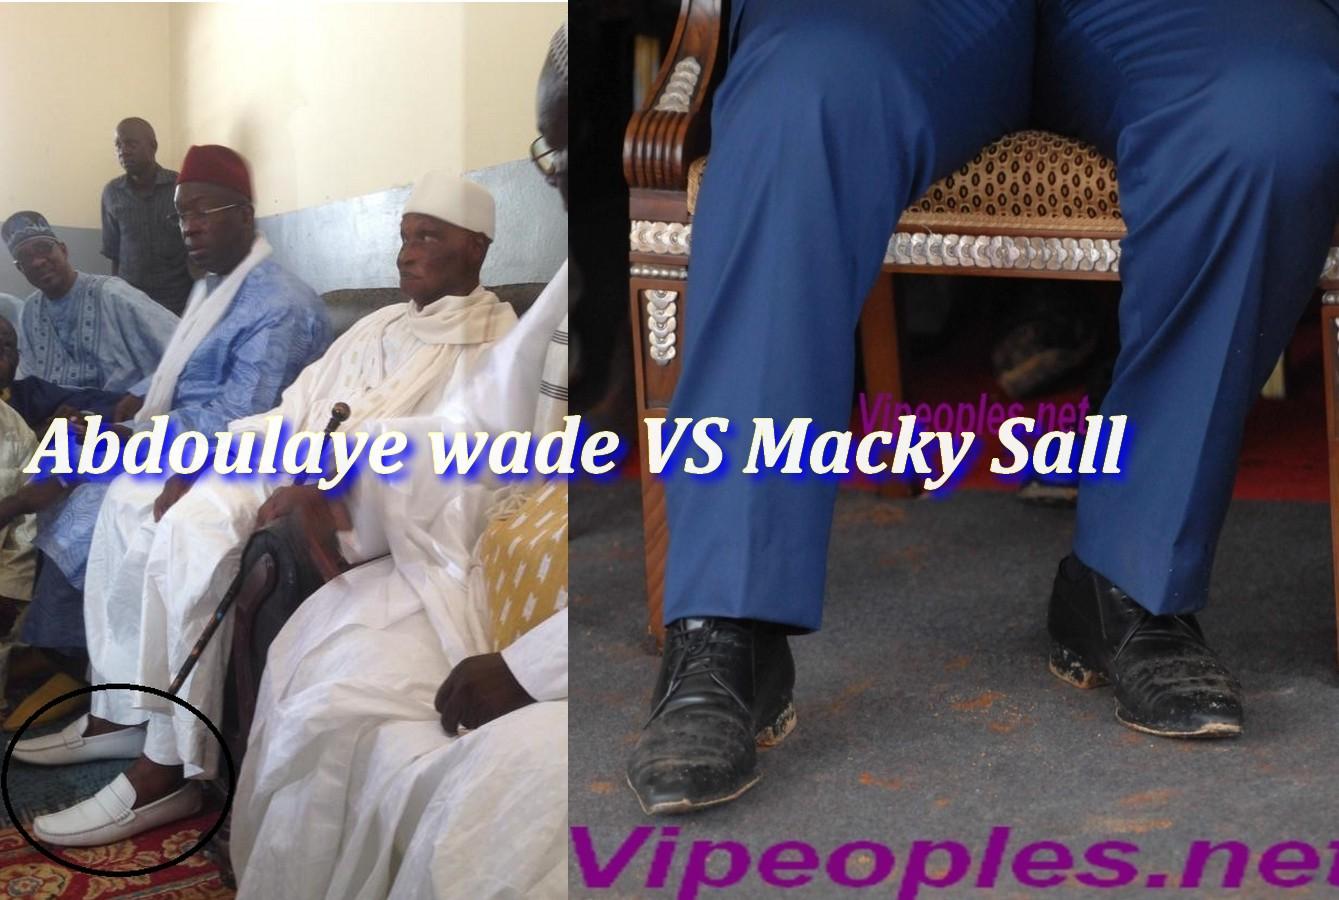 Les mocassins de Me Abdoulaye Wade VS les chaussures de Macky Sall, la guerre continue même dans l'habillement